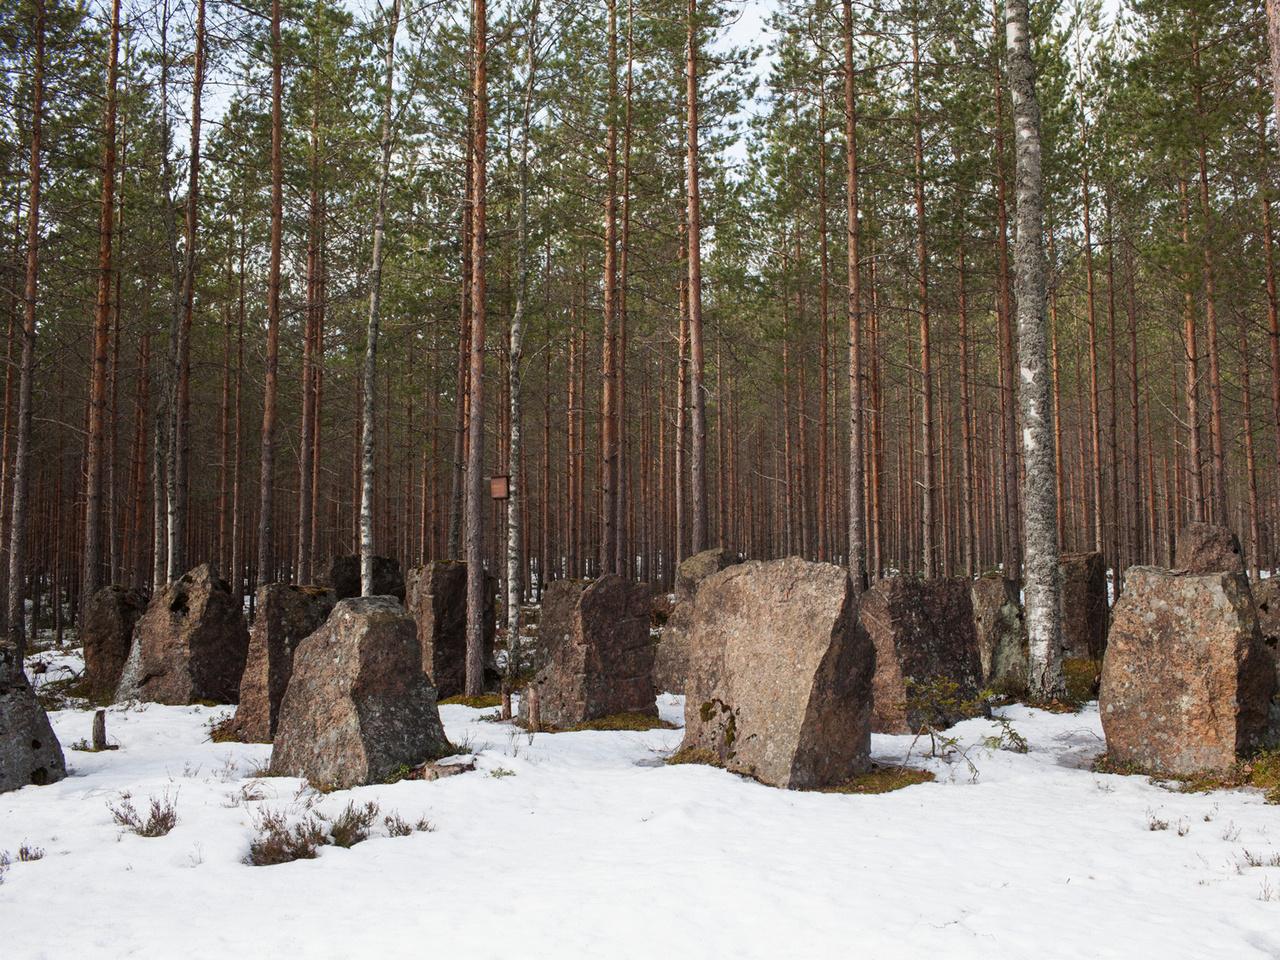 A Salpa-vonal Finnországban, 2017-ben. A fák közé is beékelődő óriási, 3-4 tonnás kőtömböket 1940-41-ben, a II. világháború alatt állította fel egy 225 km hosszan elnyújtott védelmi vonalnak Finnország. A 350 ezer kőből álló Salpa-vonal célja az volt, hogy megvédje a határt a szovjet harckocsik esetleges inváziójától. A létrehozásához 70 ezer katona munkájára volt szükség.